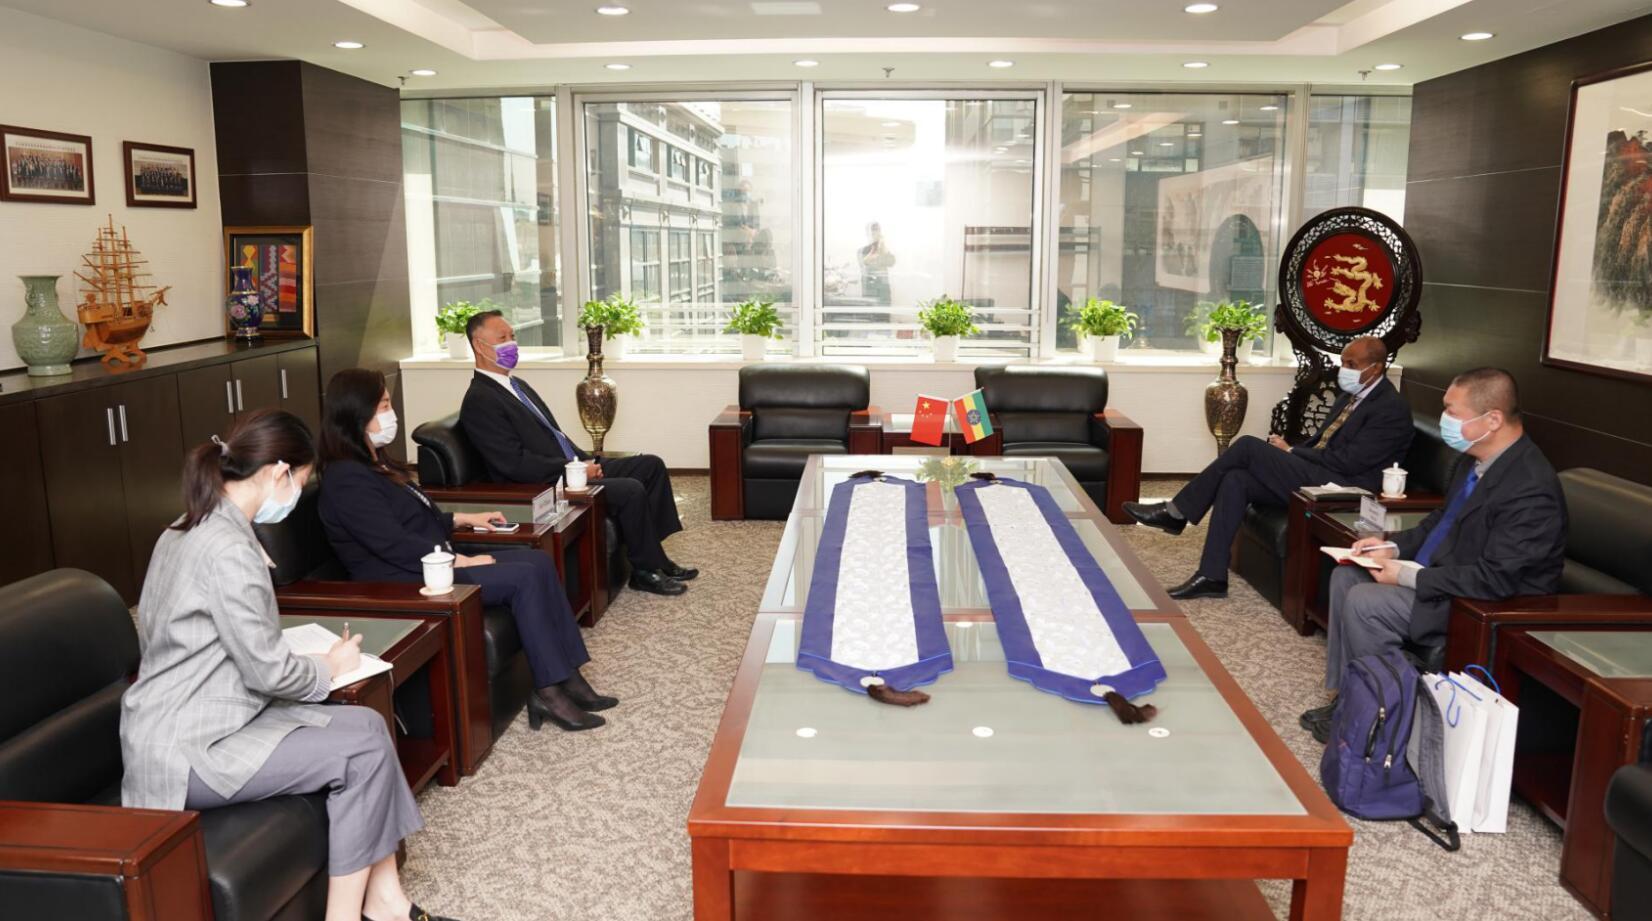 机电商会成功举办埃塞俄比亚贸易投资环境线上交流会